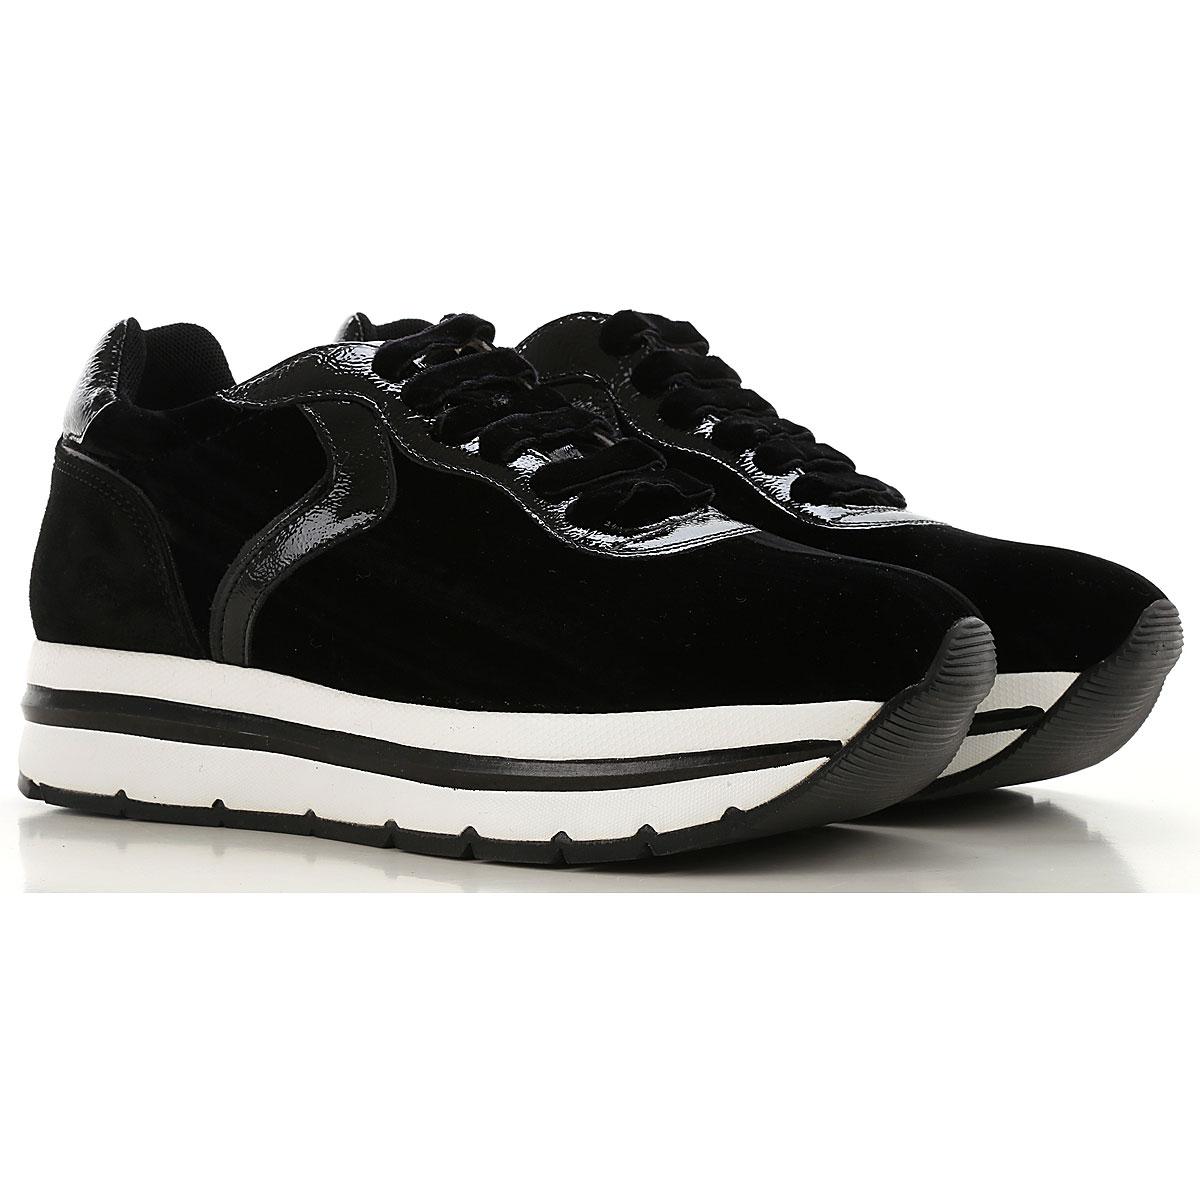 Image of Voile Blanche Sneakers for Women, Black, Velvet, 2017, 10 10 7 7.5 8 8 9 9